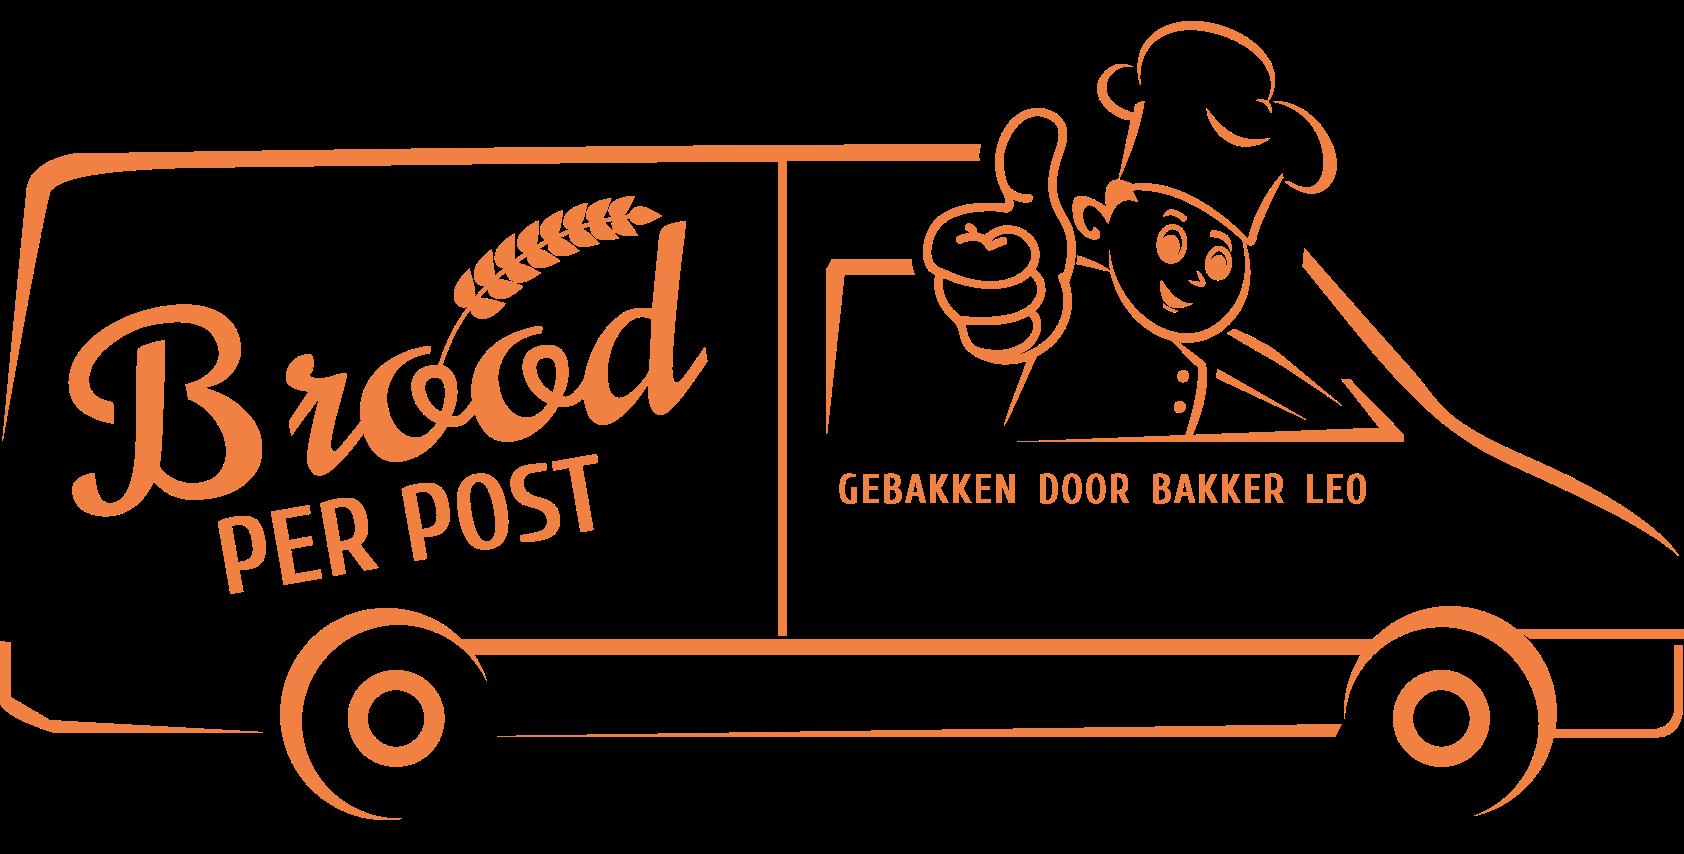 Bus Brood Per Post